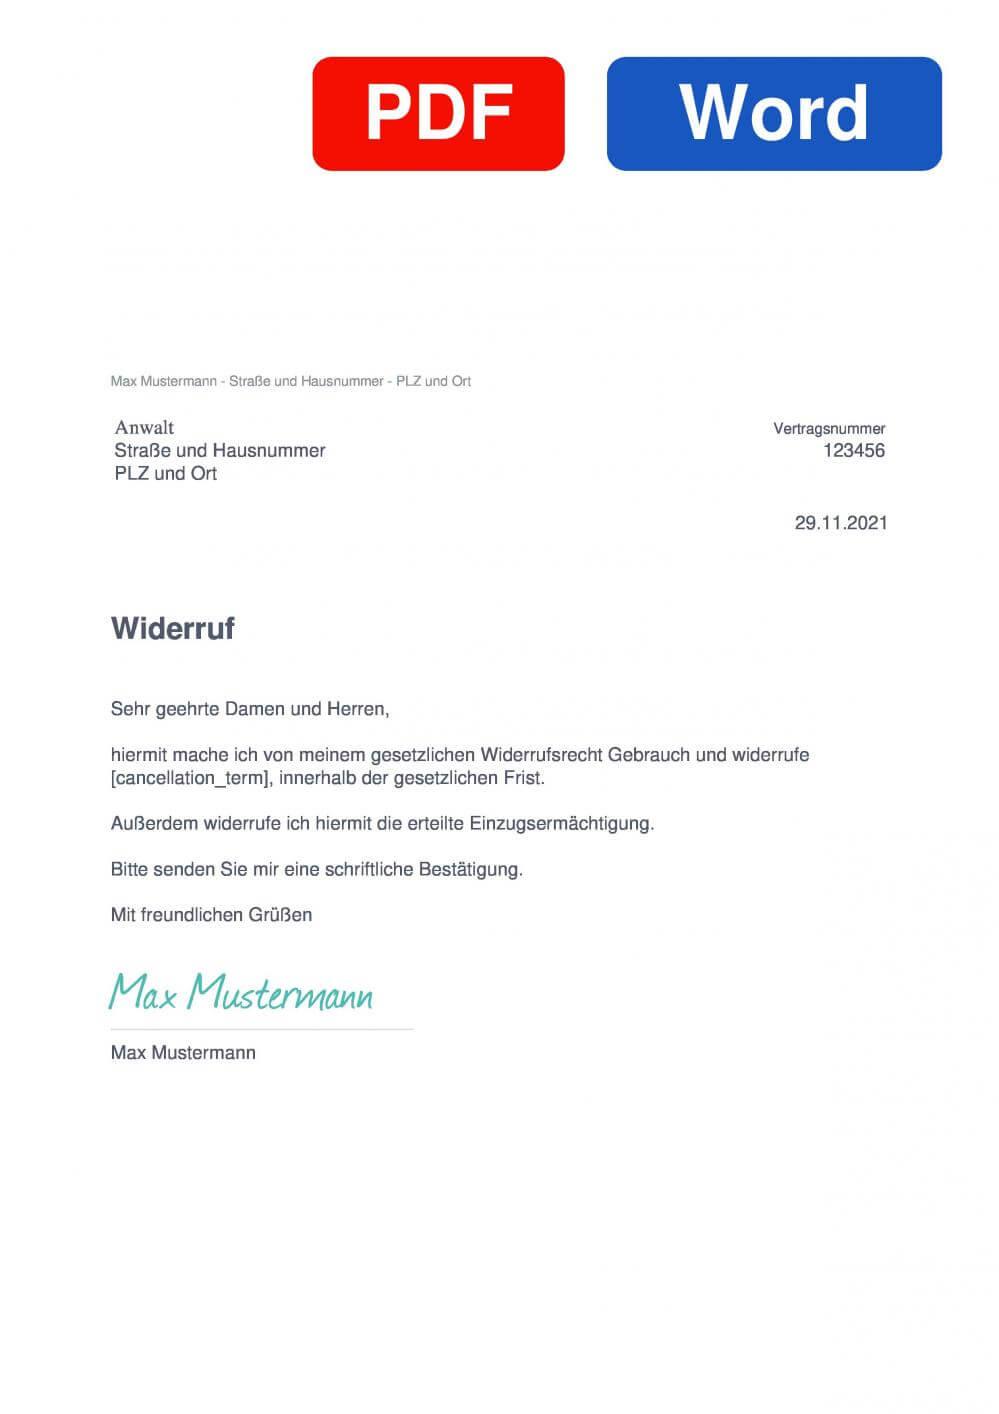 Anwalt Muster Vorlage für Wiederrufsschreiben